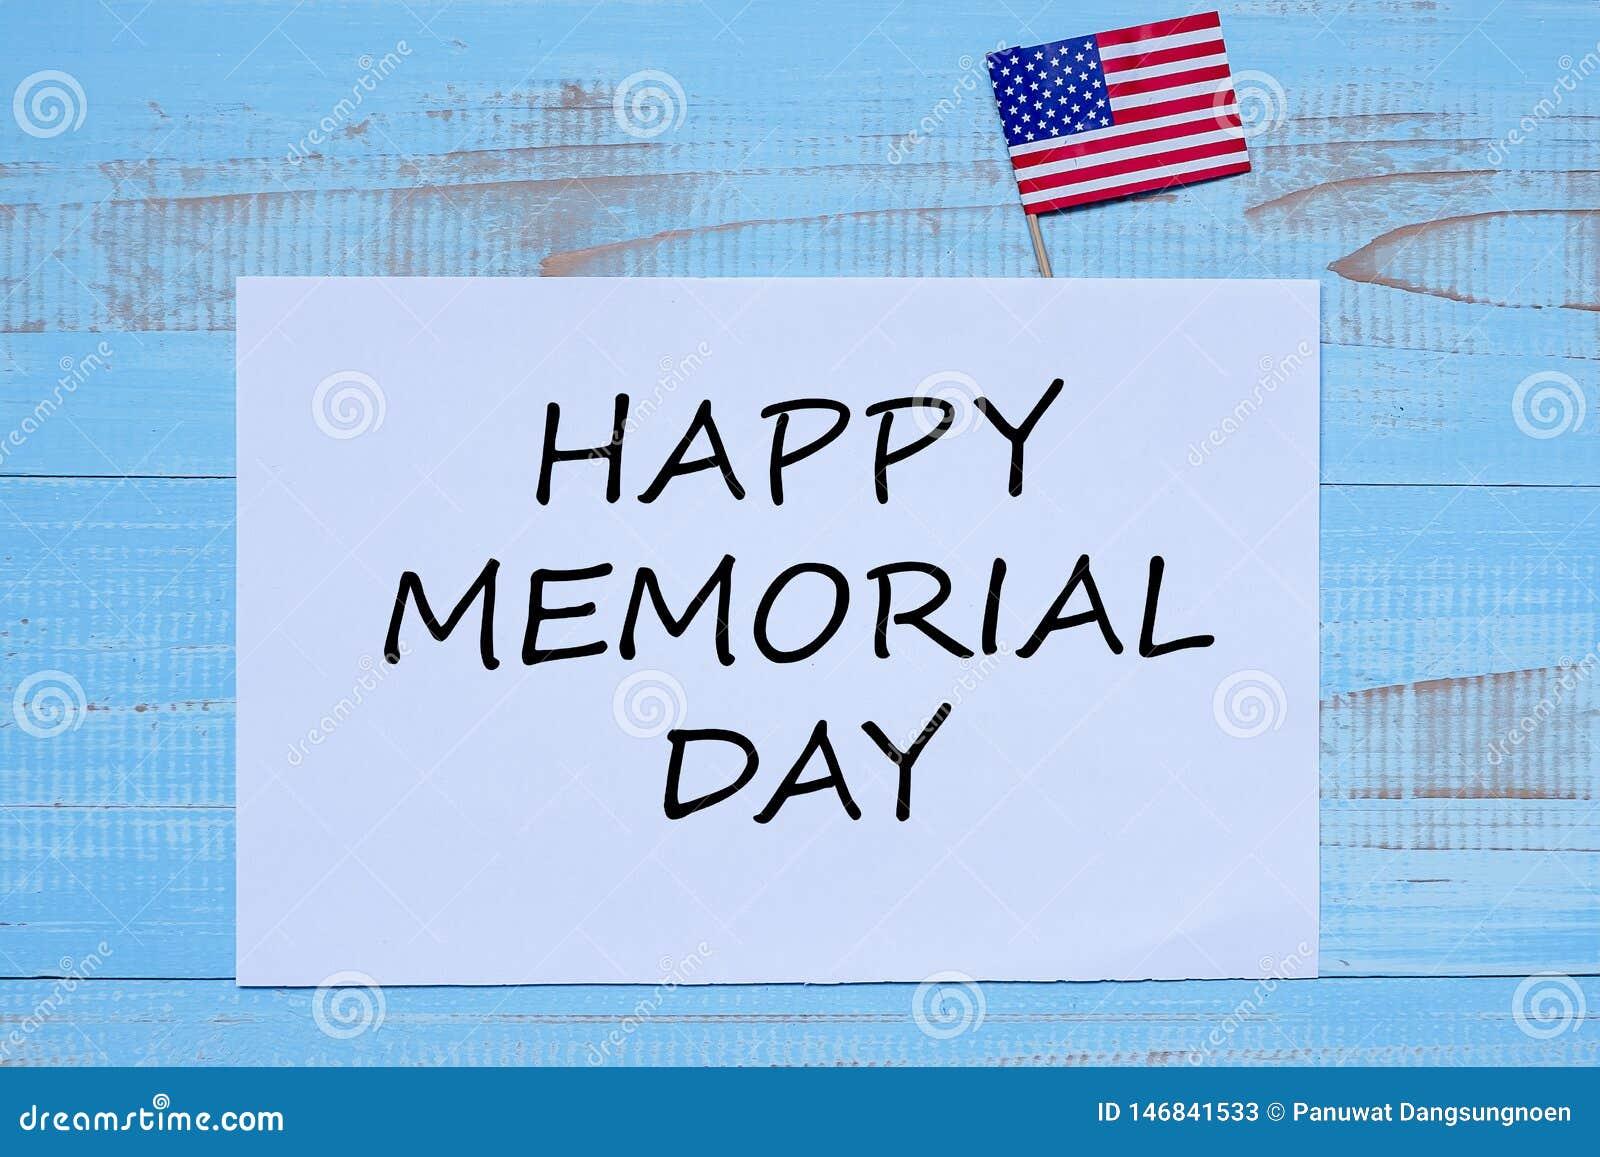 Ευτυχής ημέρα μνήμης με τη σημαία των Ηνωμένων Πολιτειών της Αμερικής στο μπλε ξύλινο υπόβαθρο